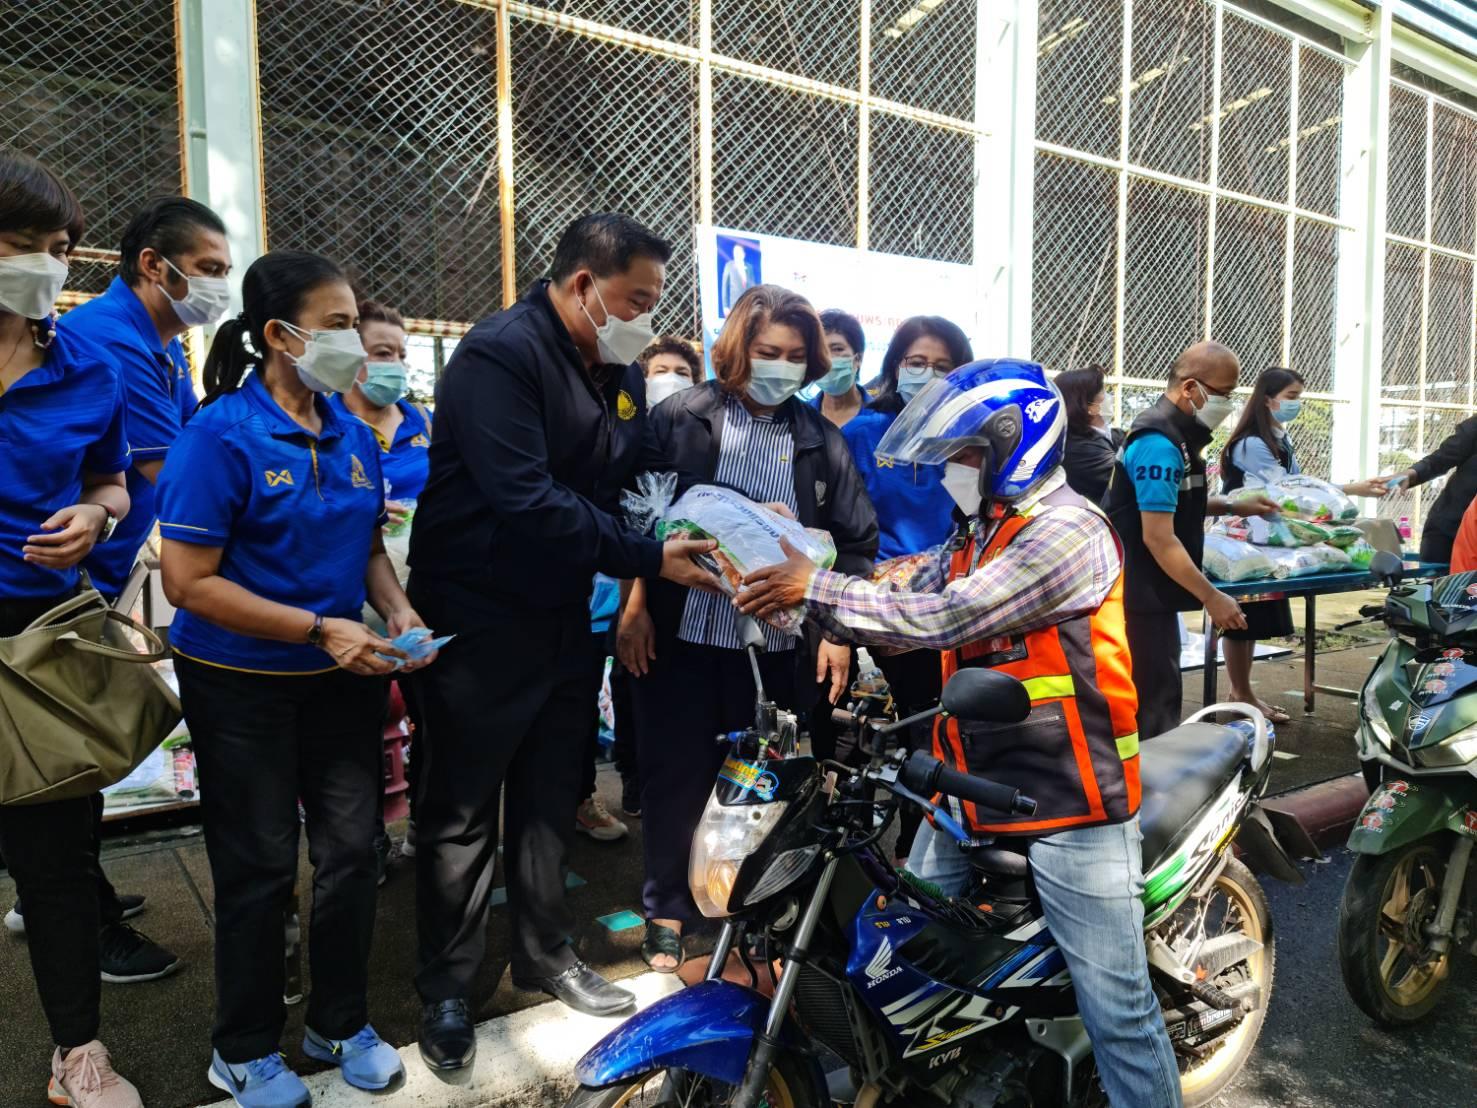 รมว.สุชาติ ส่งคณะที่ปรึกษา มอบถุงยังชีพแก่ผู้ขับขี่รถจักรยานยนต์รับจ้าง 1,500 ชุด บรรเทาความเดือดร้อนจากผลกระทบโควิด-19